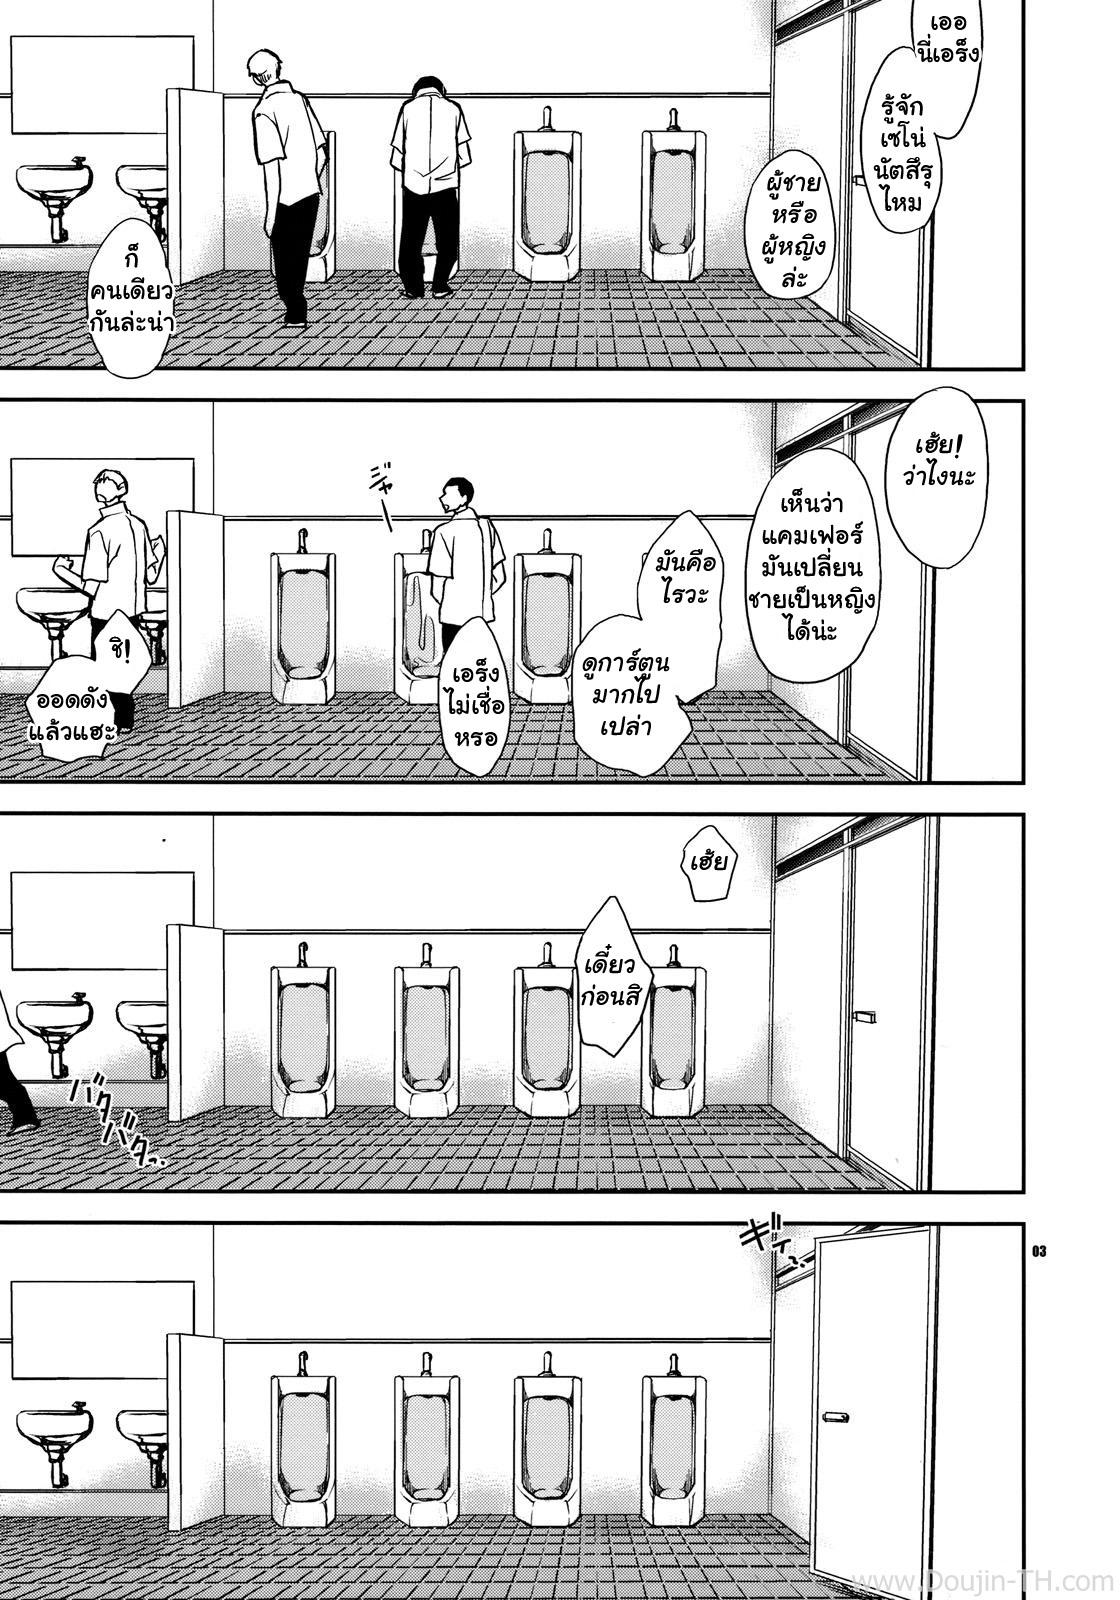 รุมข่มขืนในห้องน้ำ - หน้า 2